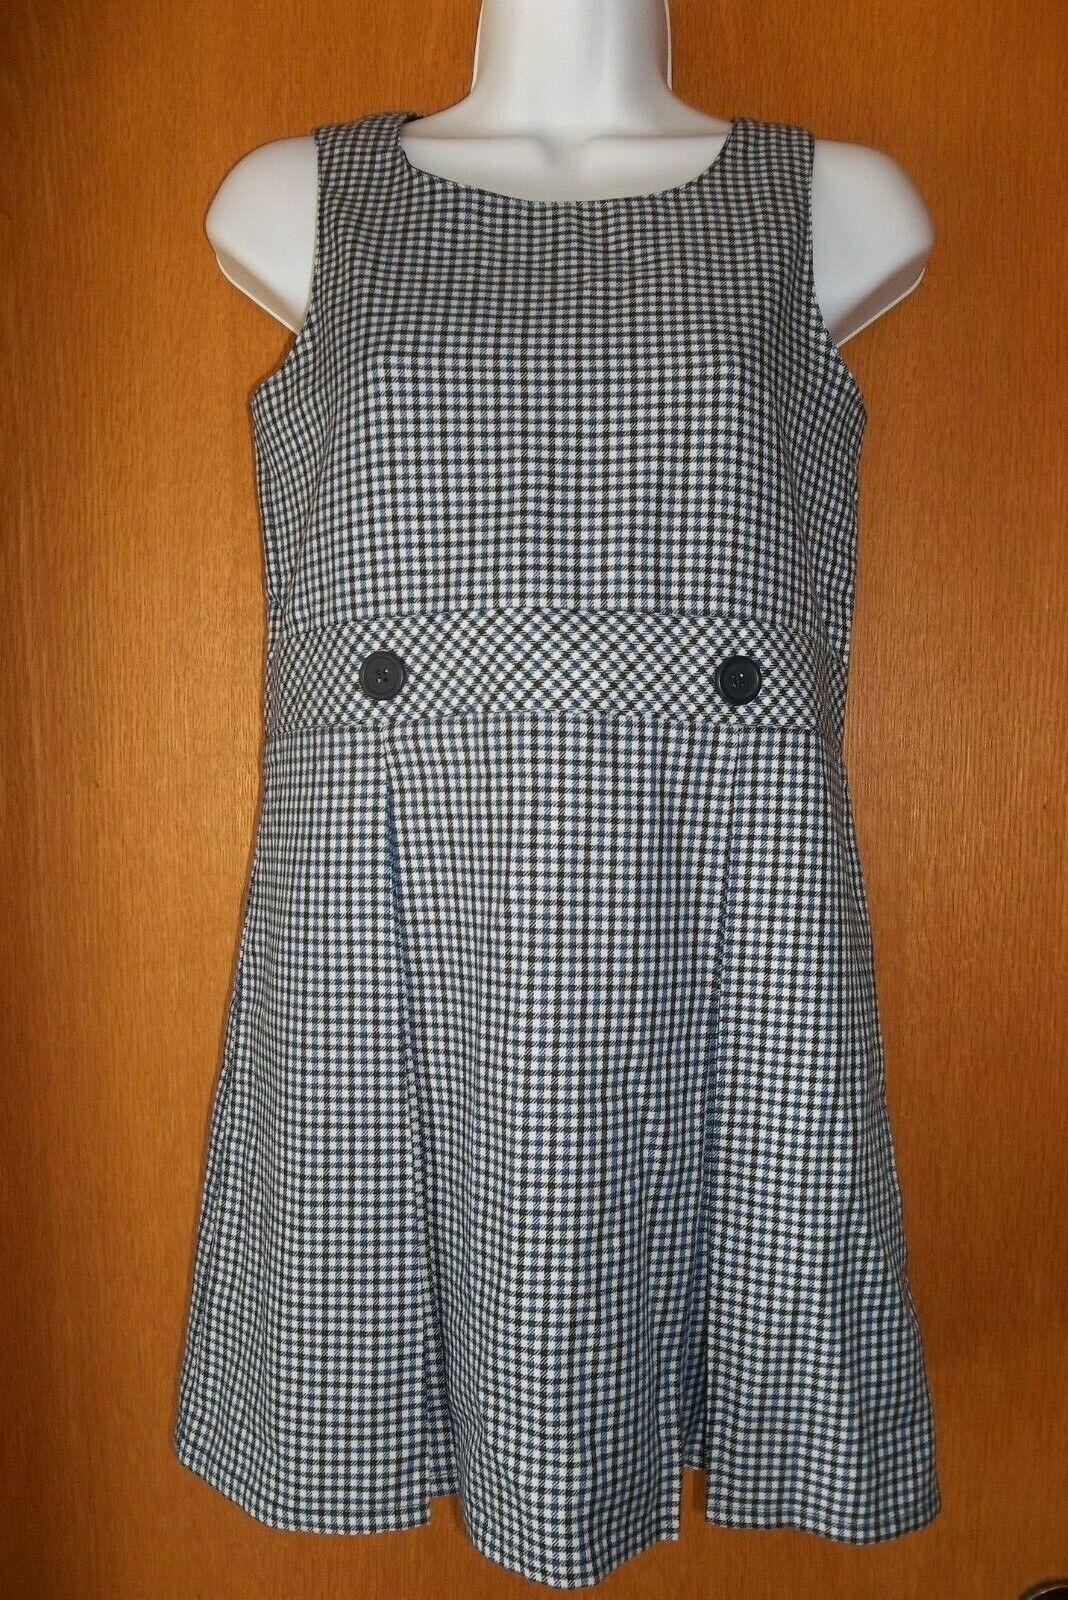 LANDS END Girls School Uniform Jumper Dress Little Girls 8 S